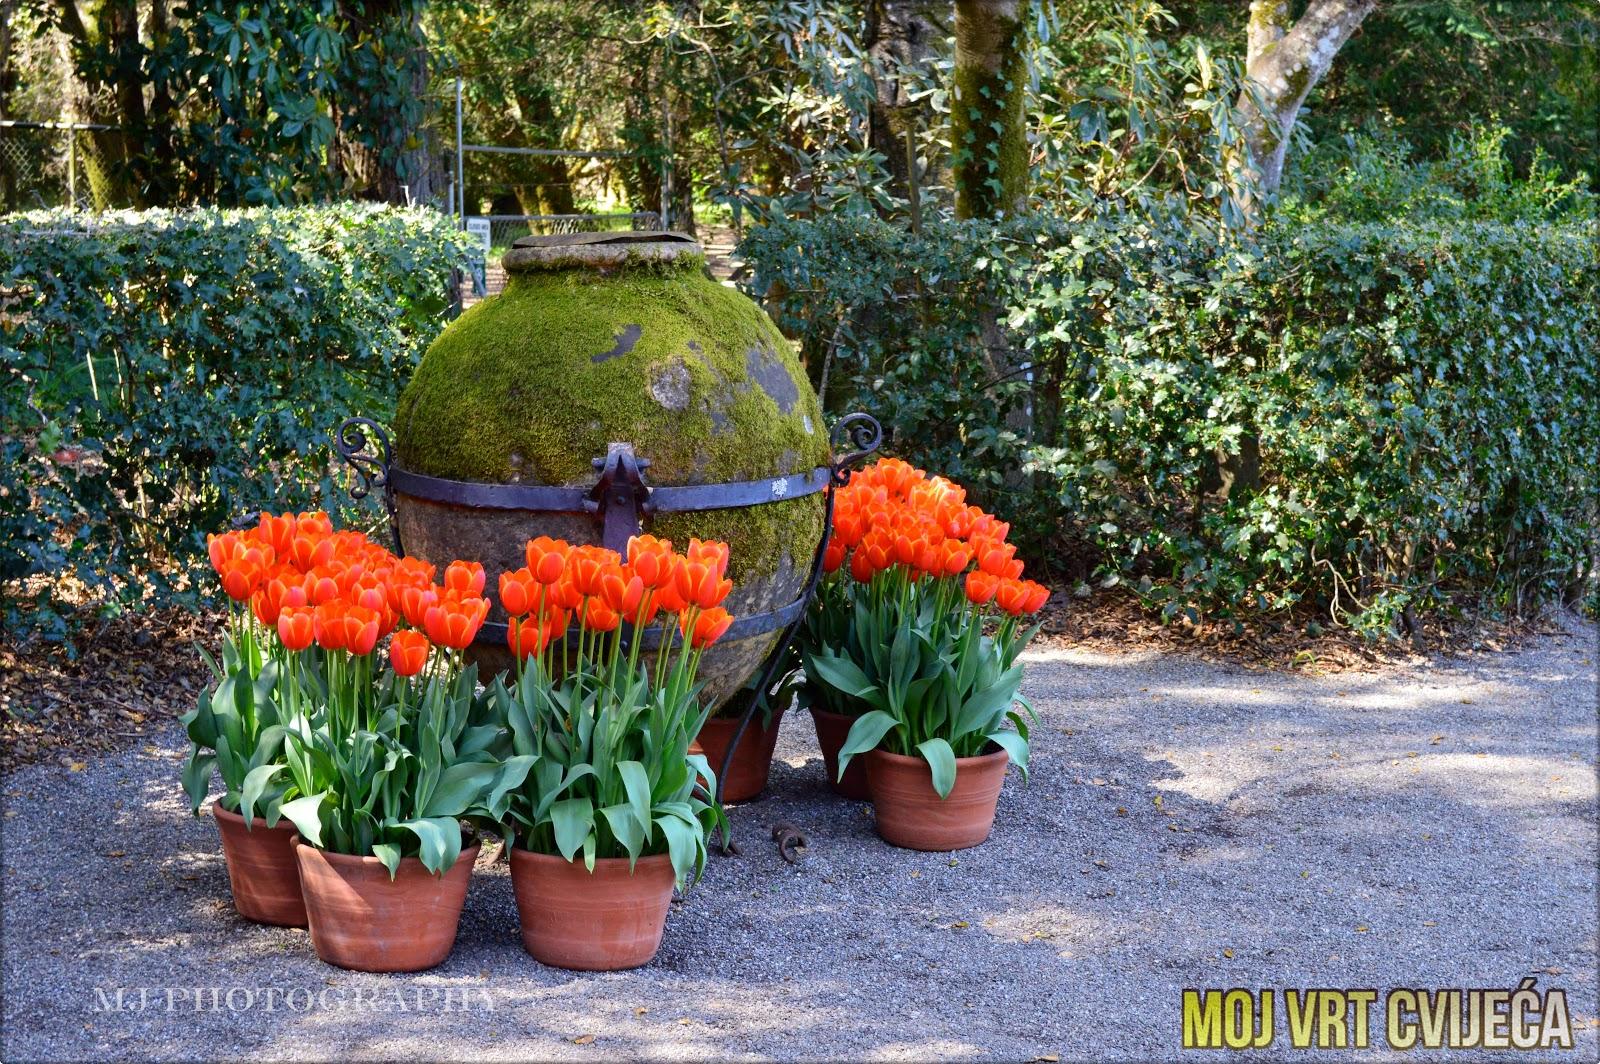 Uljepšajte vrt u rano proljeće sa tulipanima iz plastenika - Moj Vrt Cvijeća